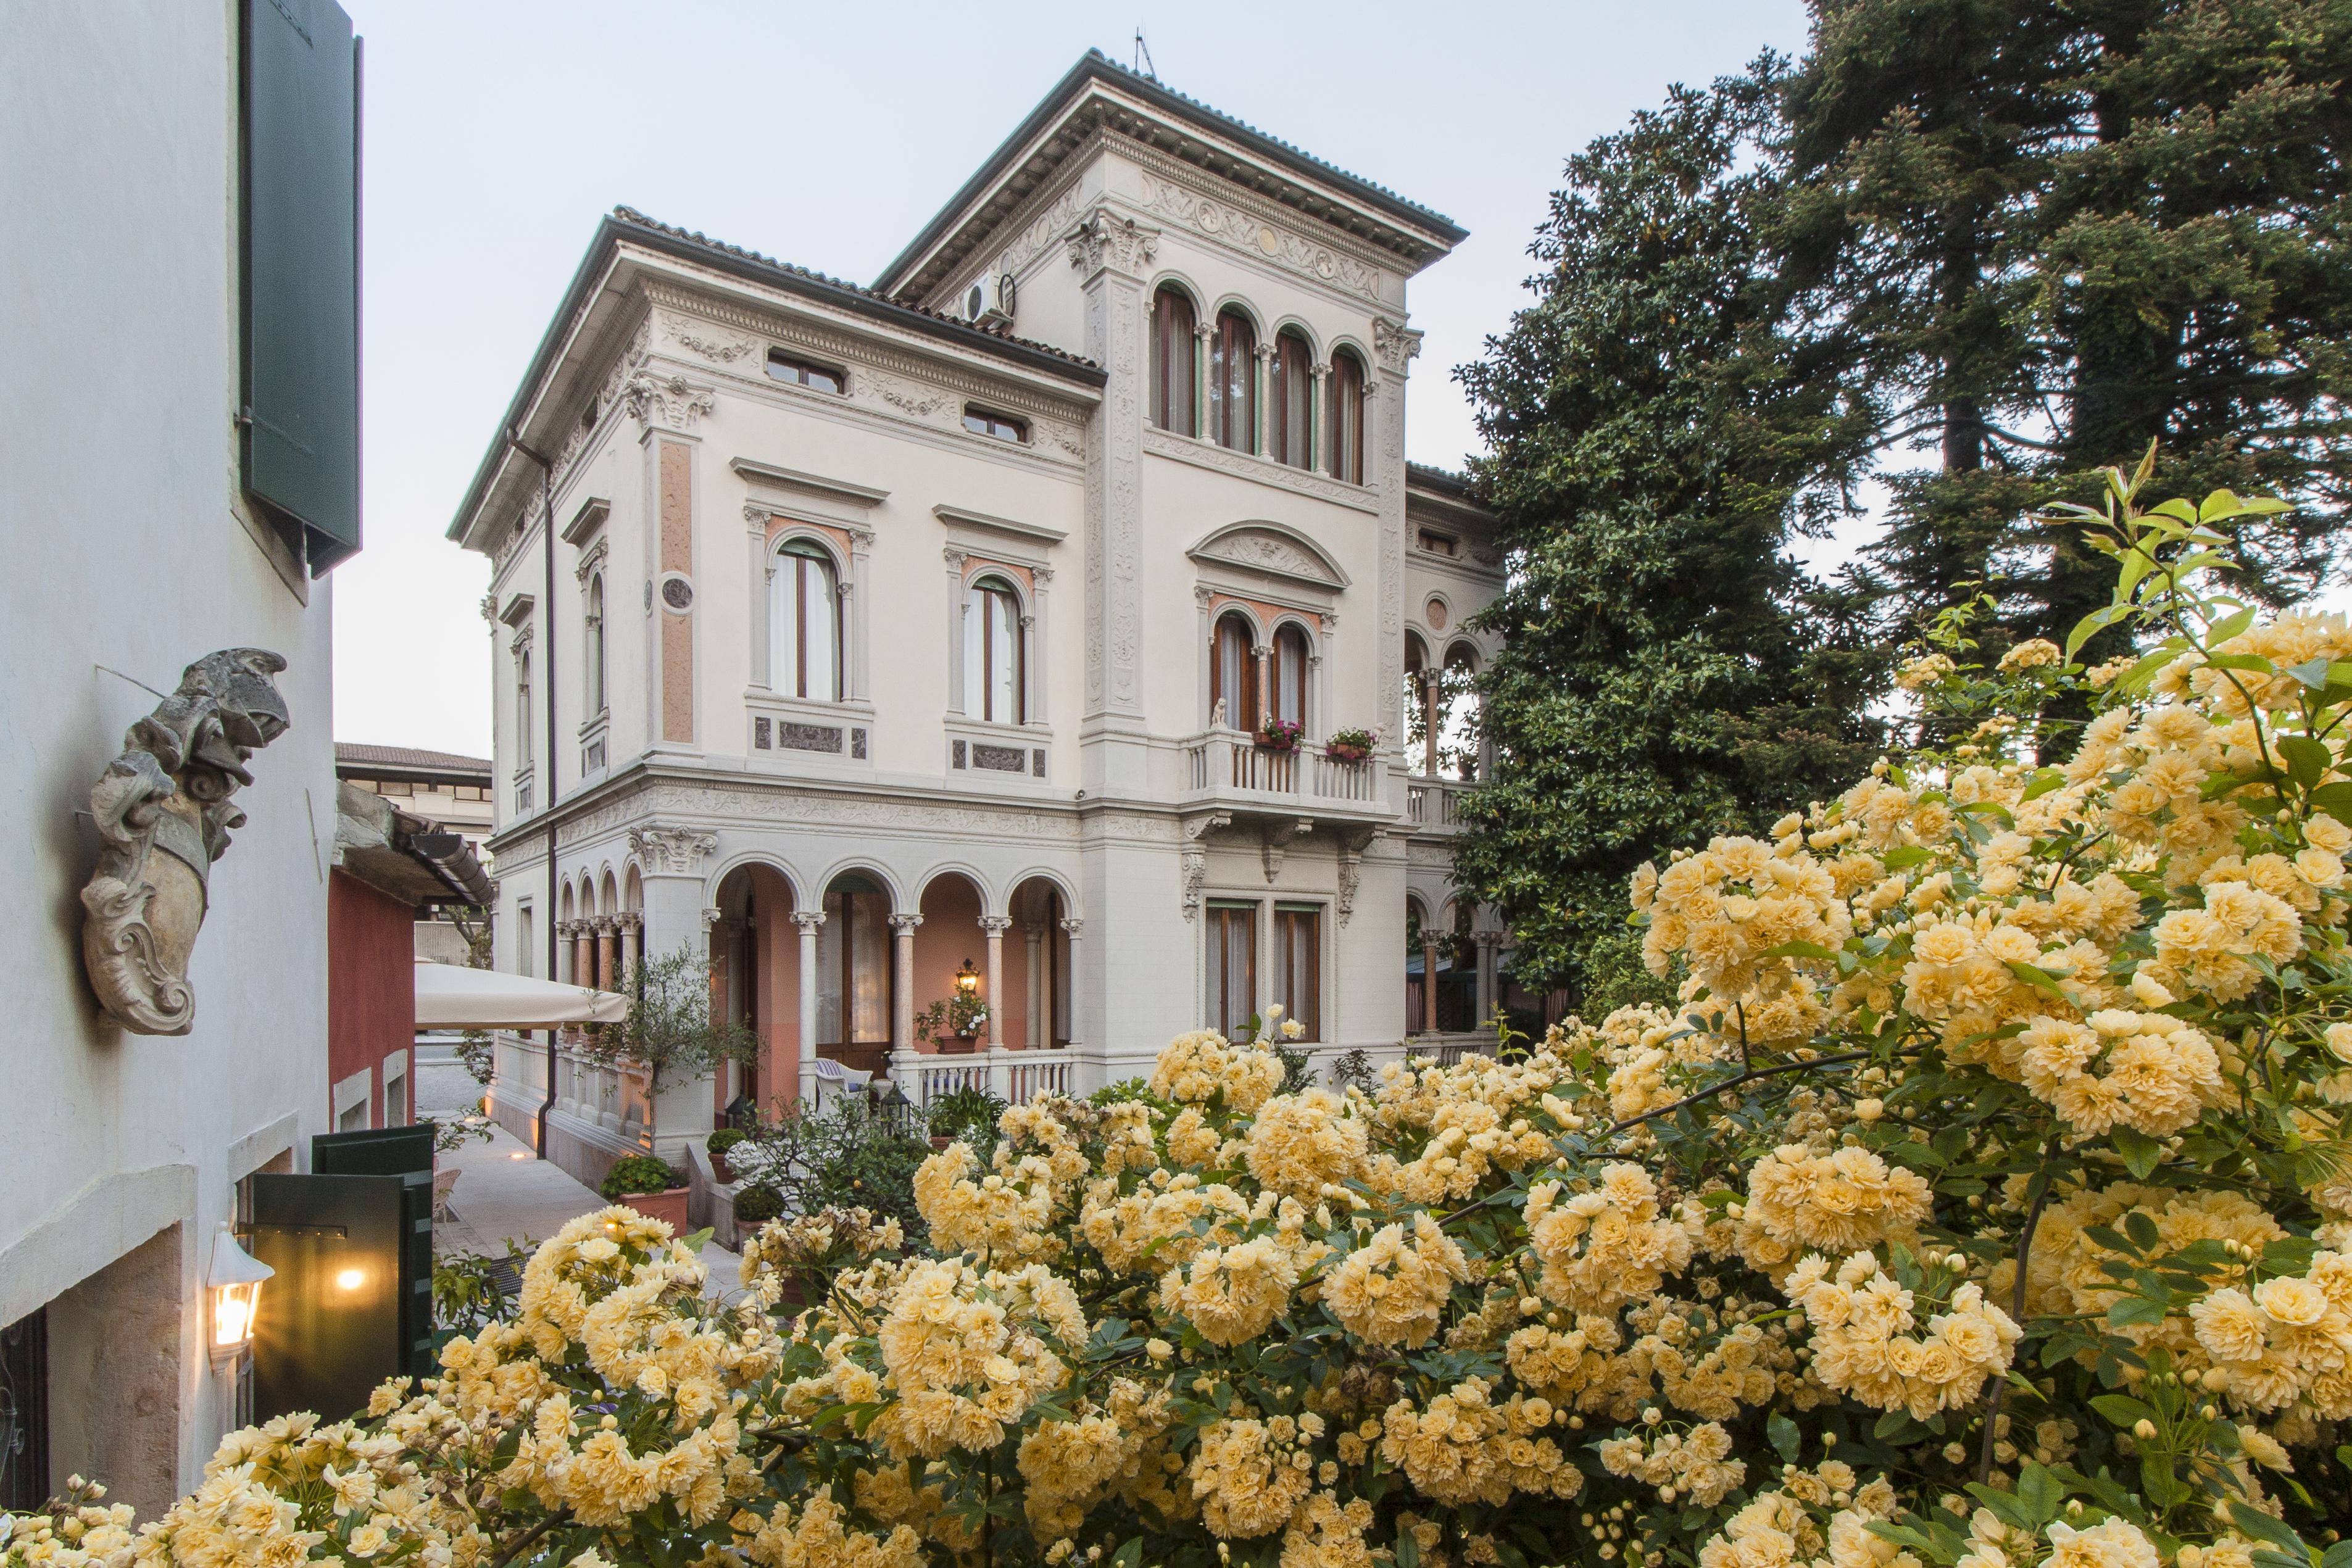 Umbria mia Tour 07 | Veneto & Friaul – Unterwegs zwischen Dolomiten und Adria – Juni 2022